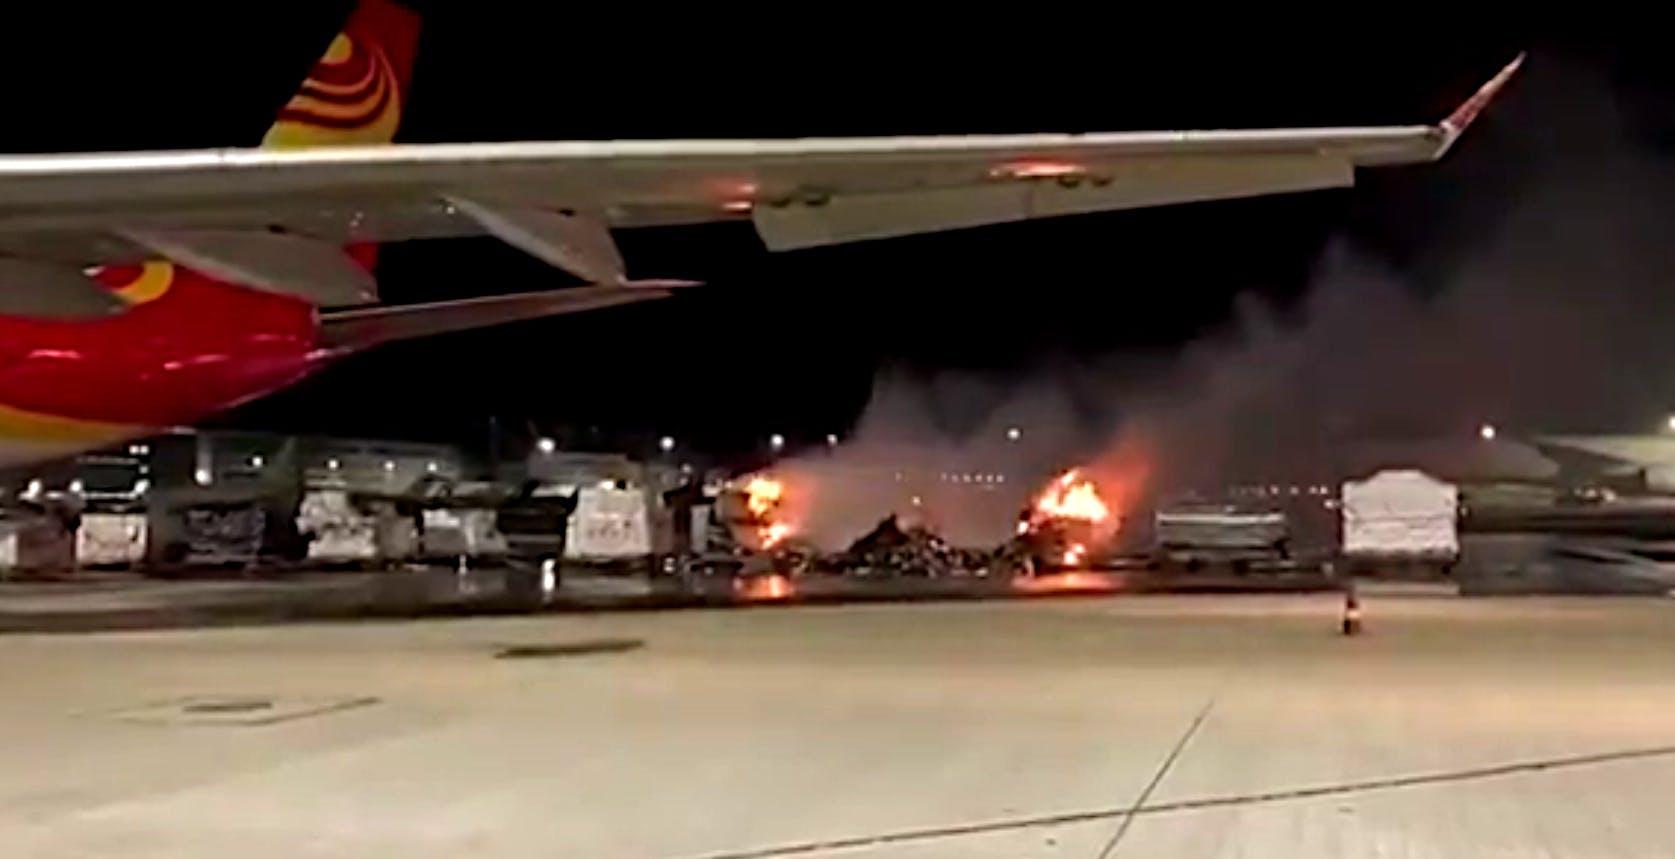 Un intero carico di smartphone Vivo a fuoco nell'aeroporto di Hong Kong. Bloccate le esportazioni